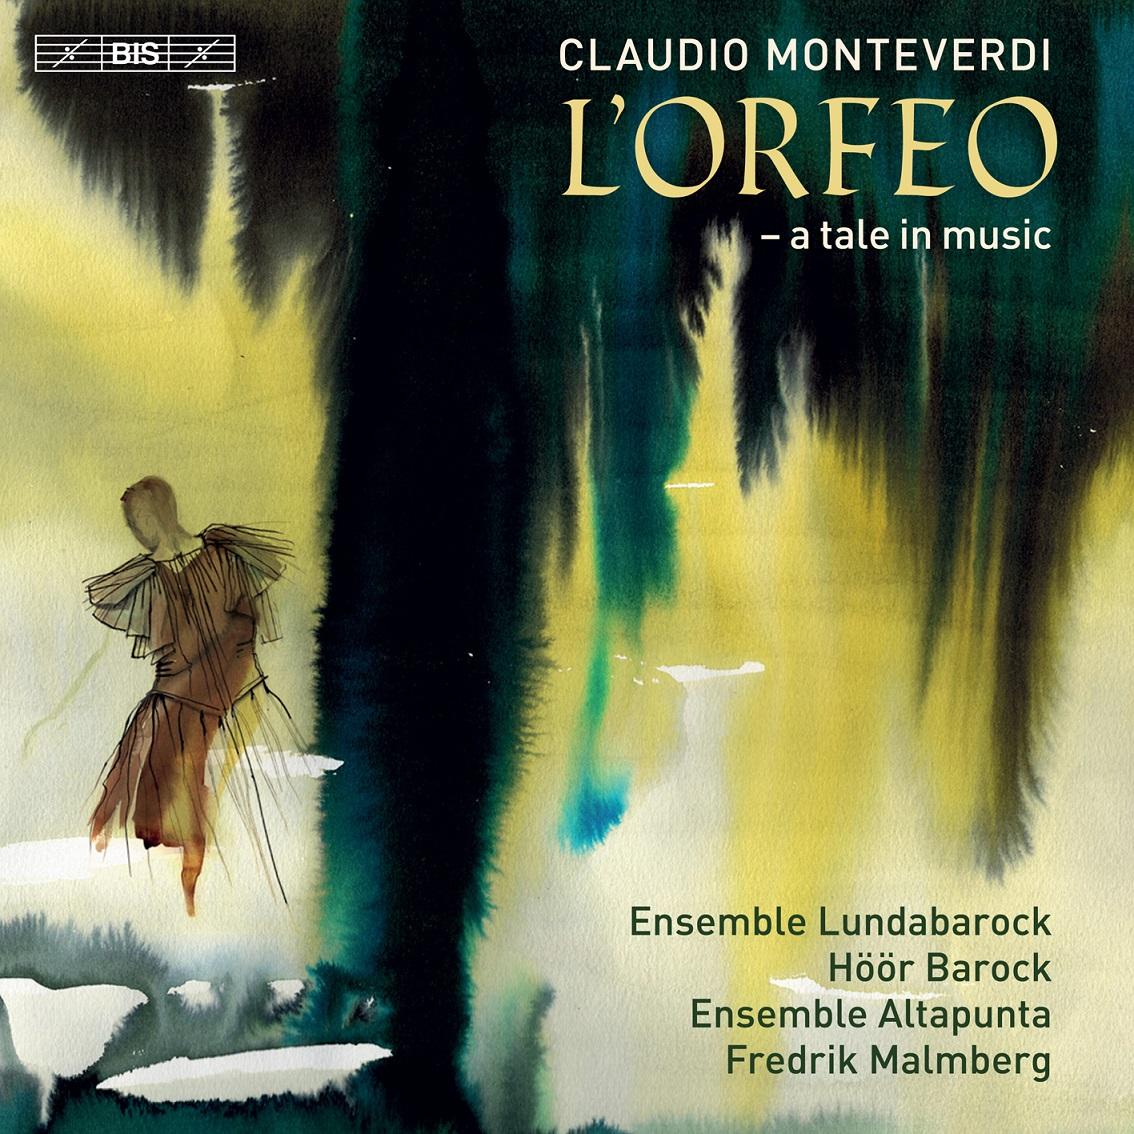 モンテヴェルディ:歌劇 新品 音楽による寓話 《オルフェオ》 SV.318 直送商品